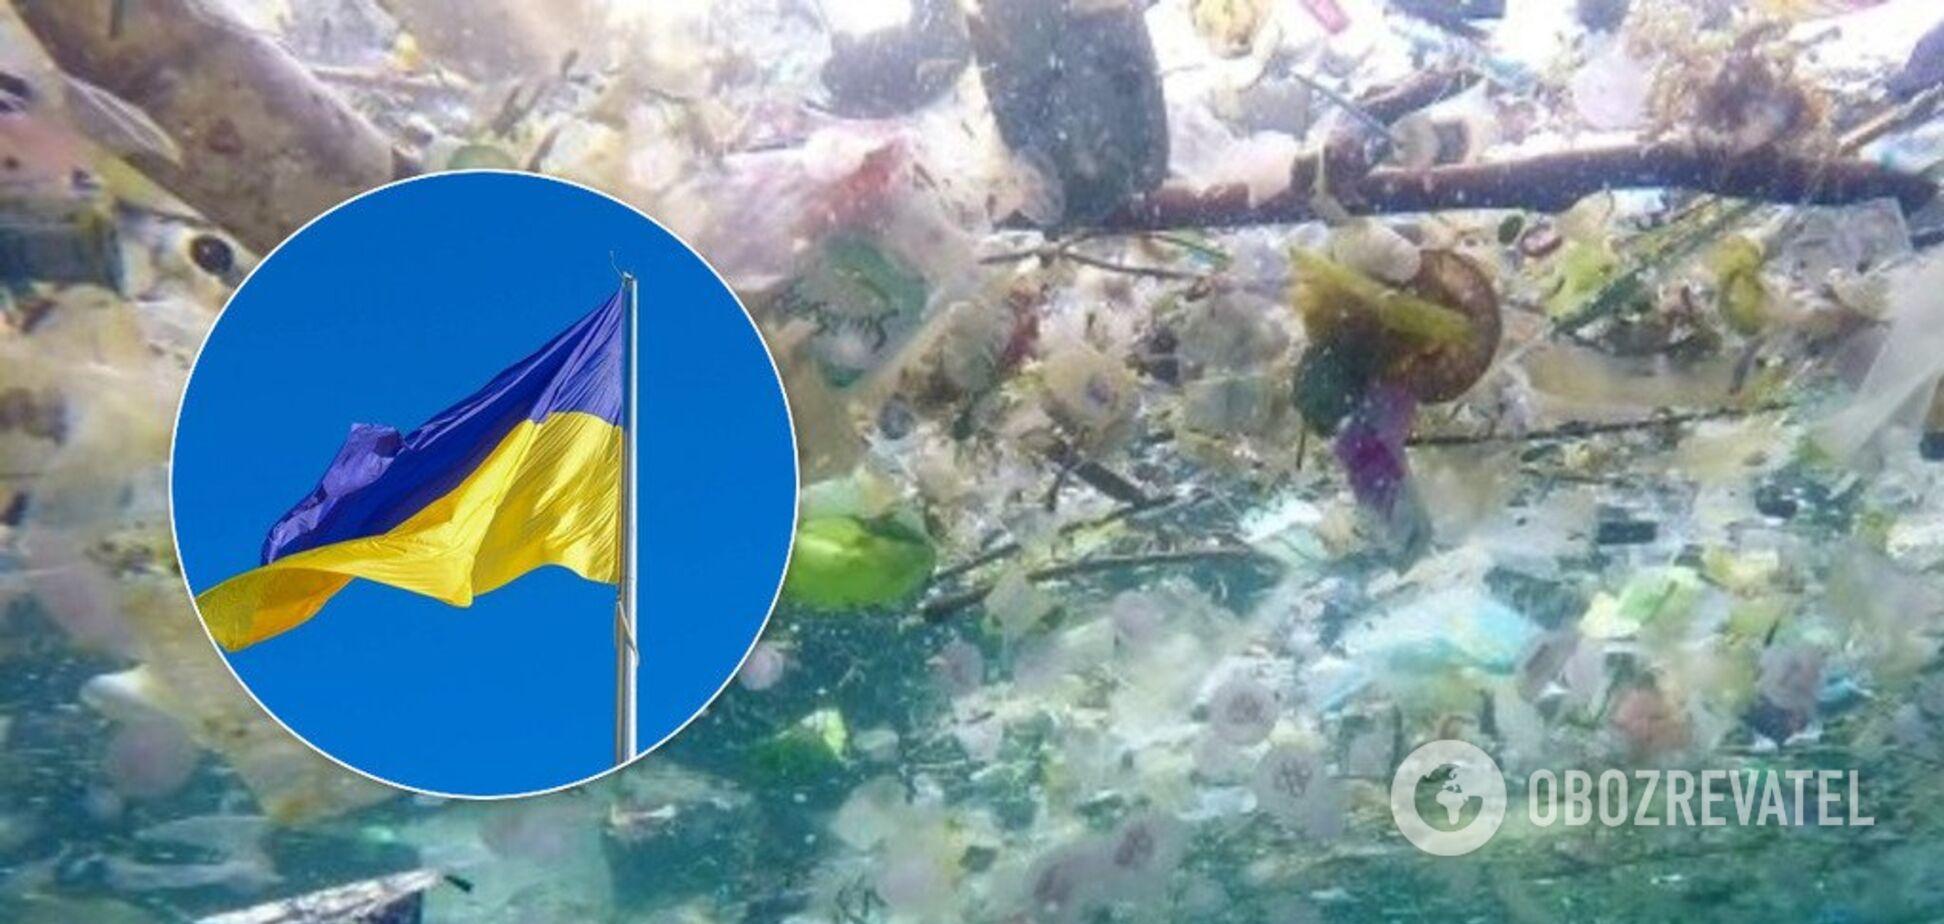 Чорне море на порозі екологічної катастрофи: як врятувати ситуацію